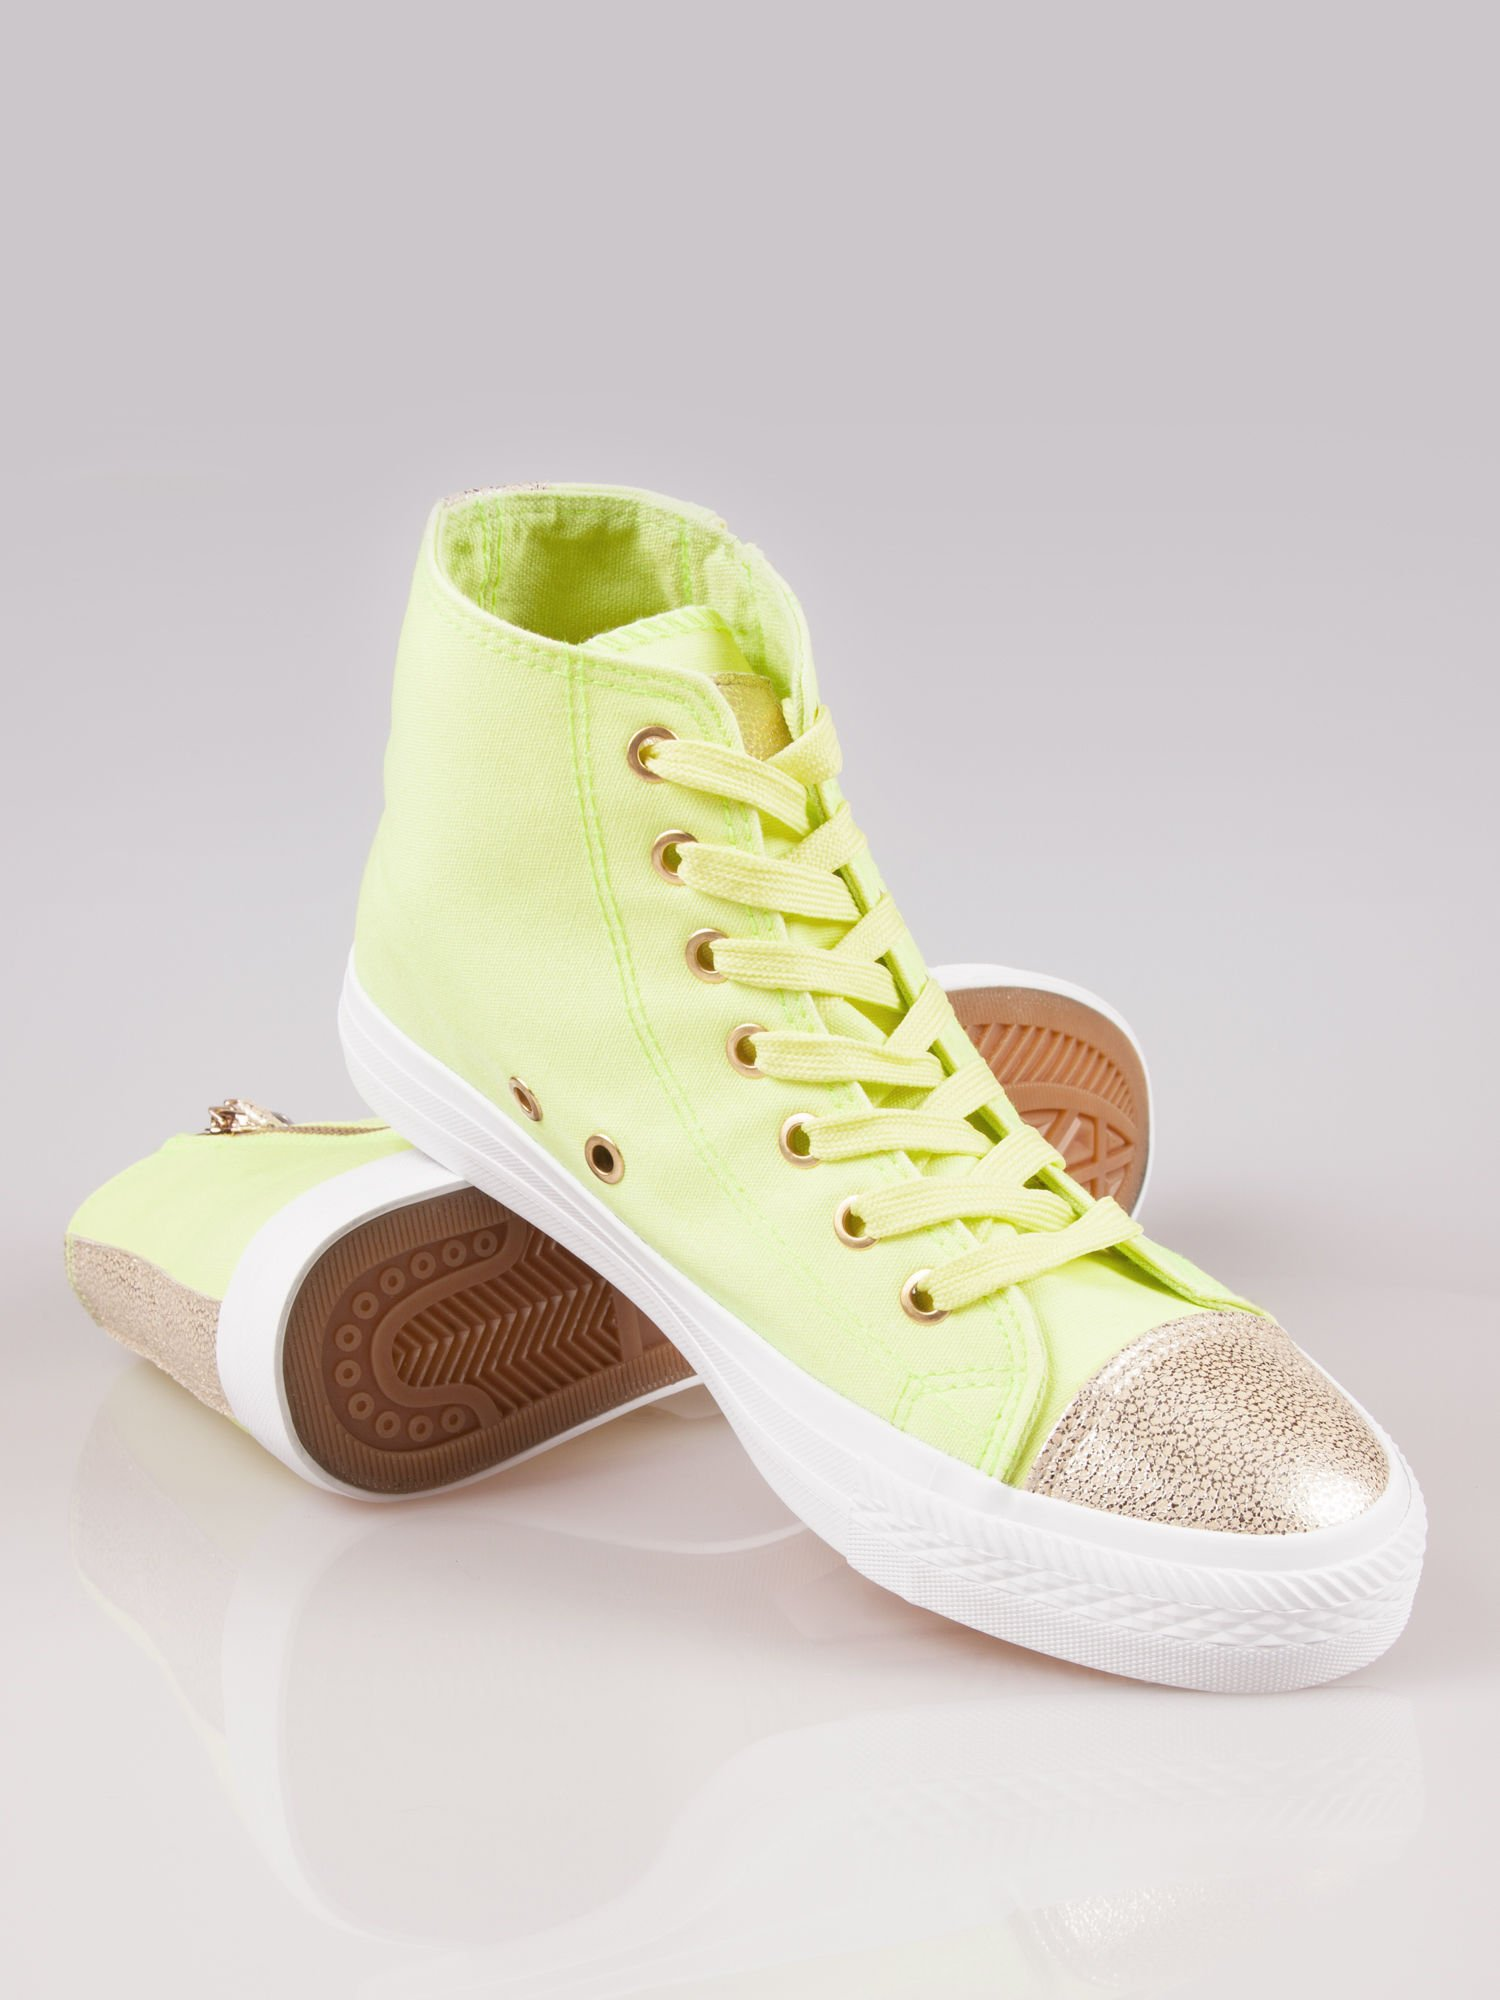 Żółte sneakersy gold cap toe Cody z suwakiem z boku                                  zdj.                                  4